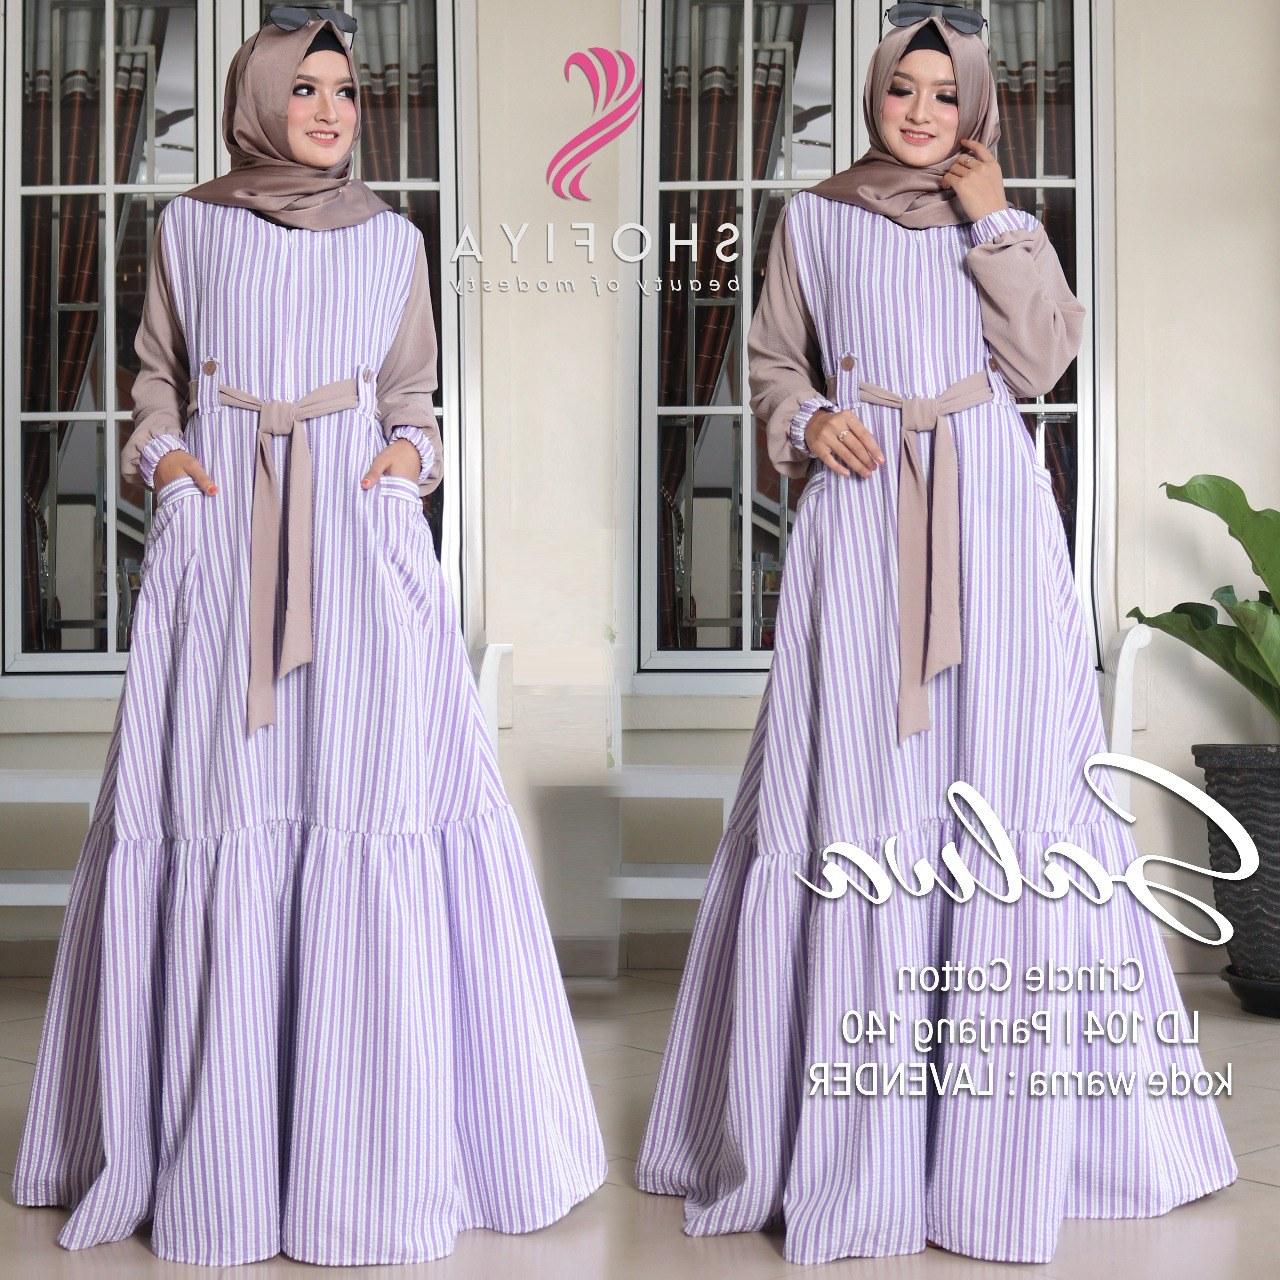 Bentuk Baju Lebaran Thn Ini Bqdd Lebaran Model Baju Gamis Terbaru Nusagates